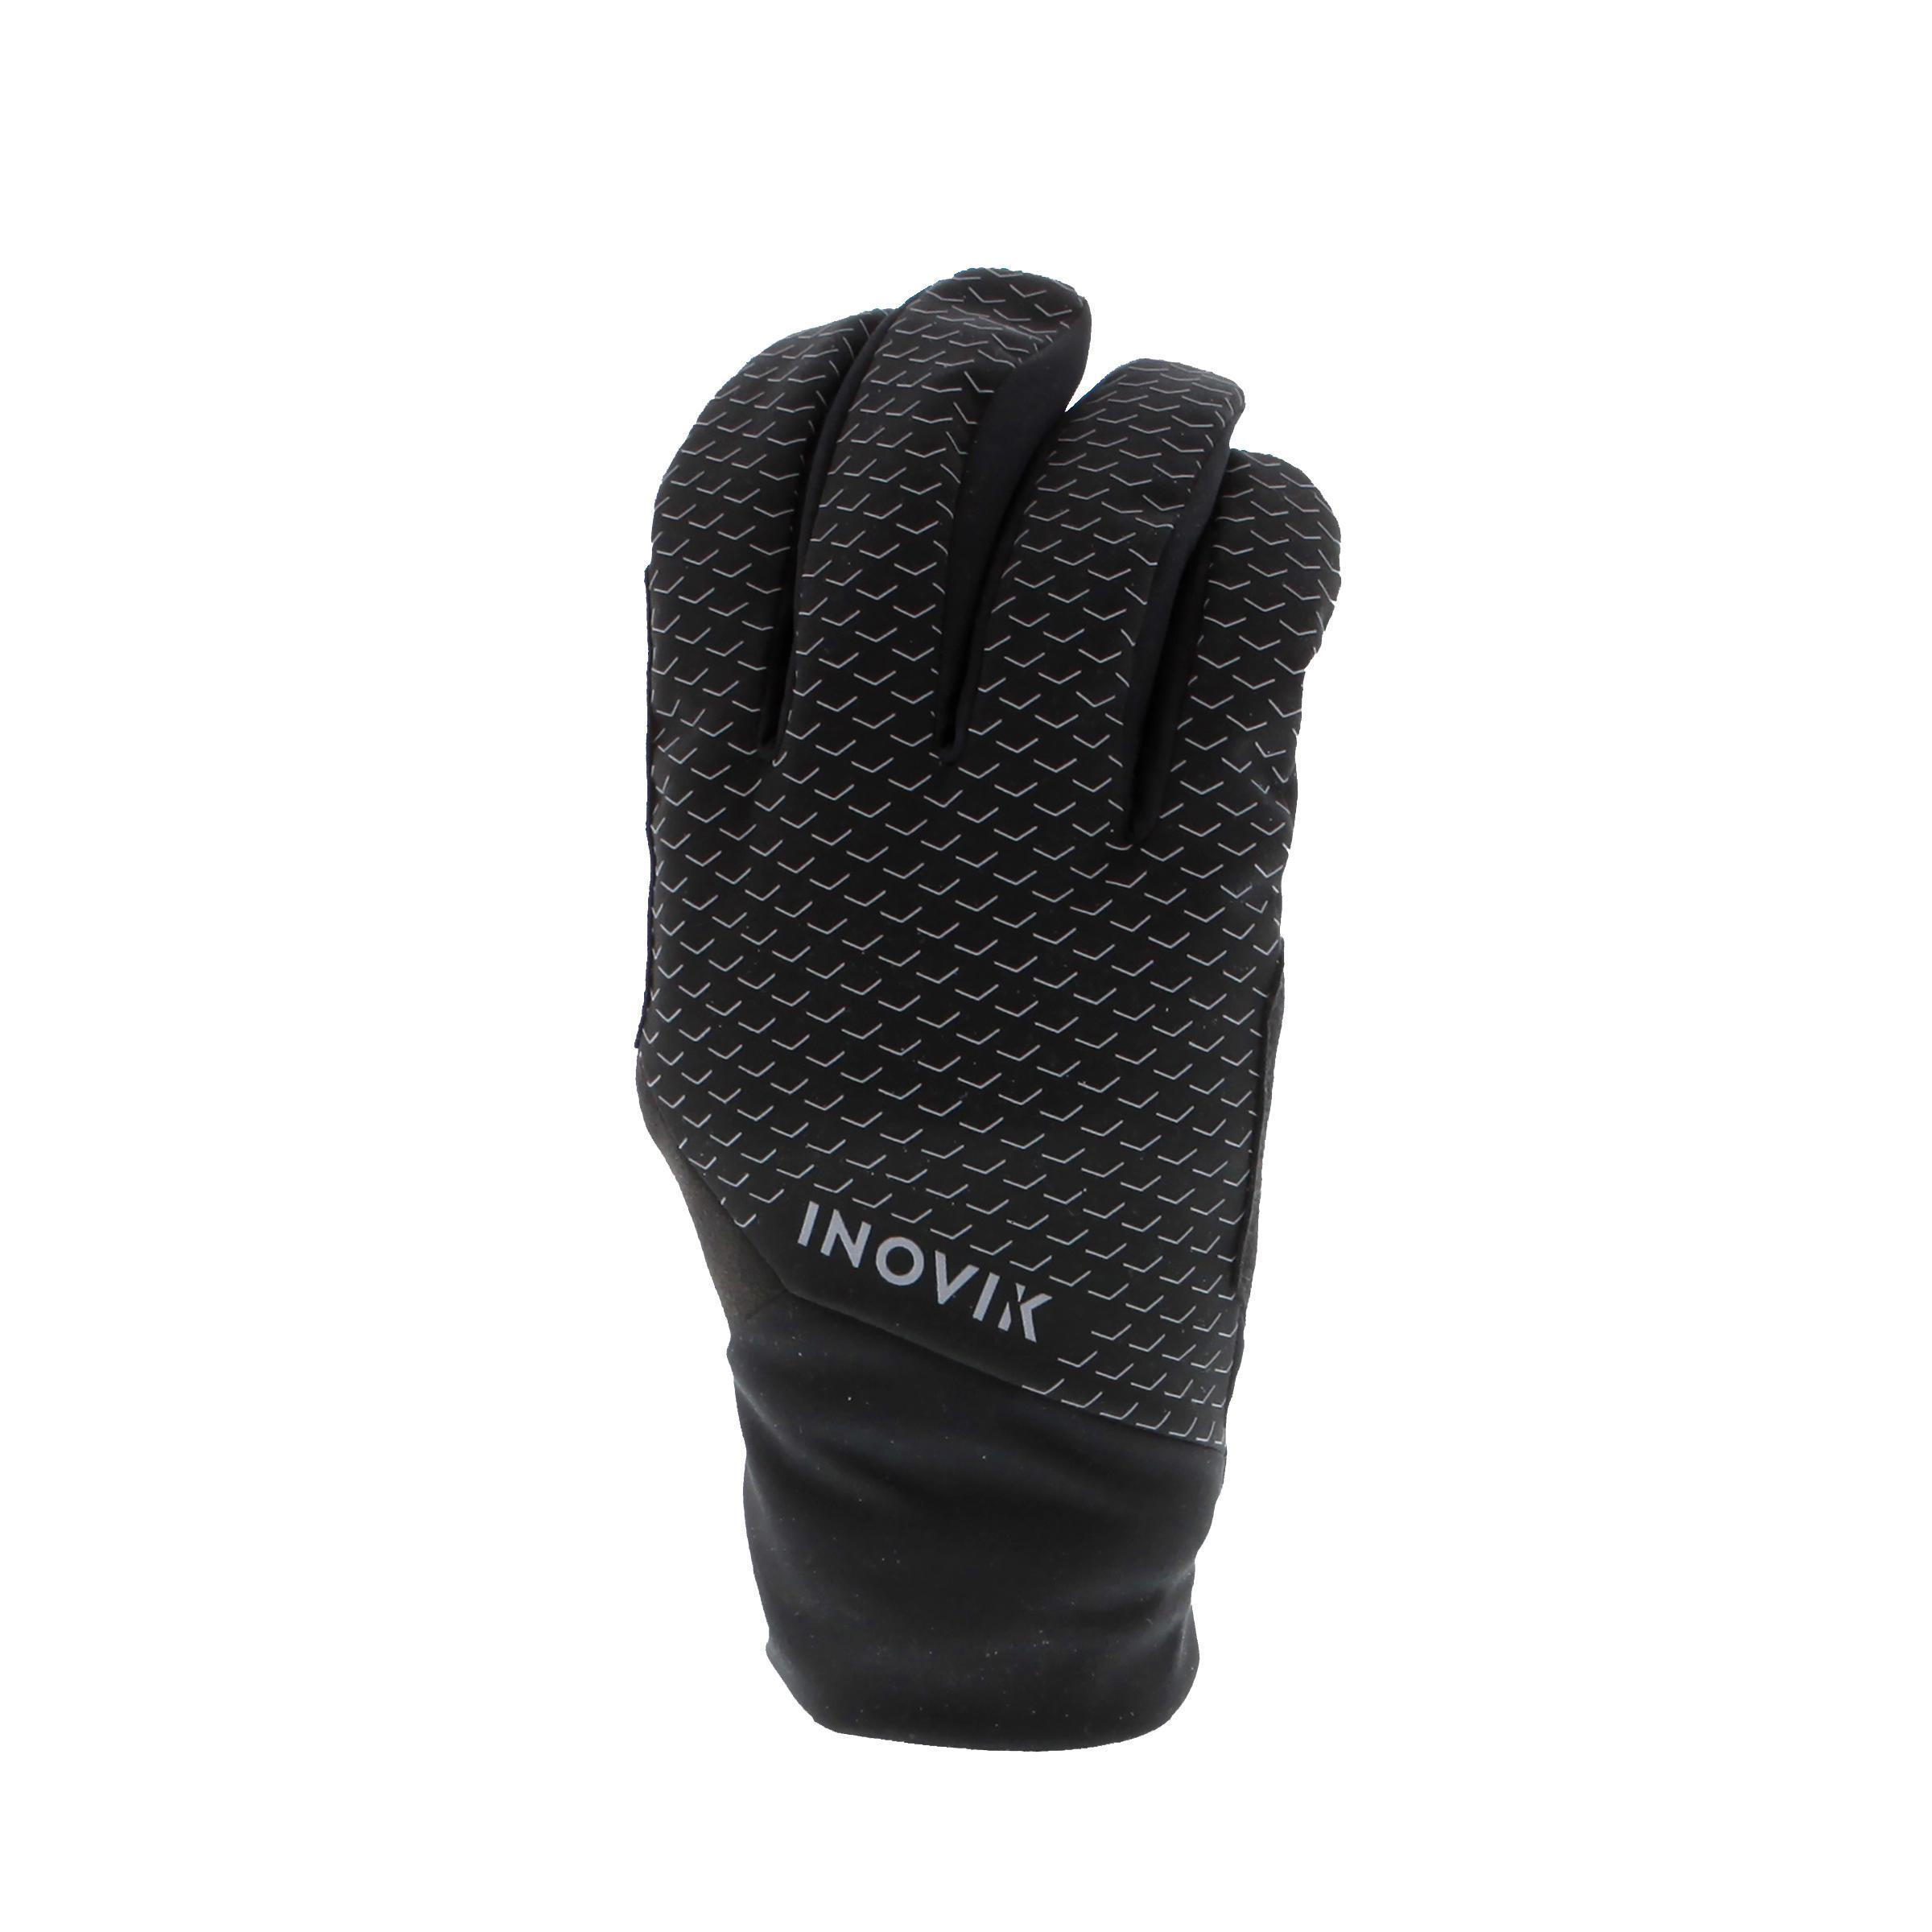 Inovik Warme langlaufhandschoenen volwassenen zwart XC S 100 thumbnail